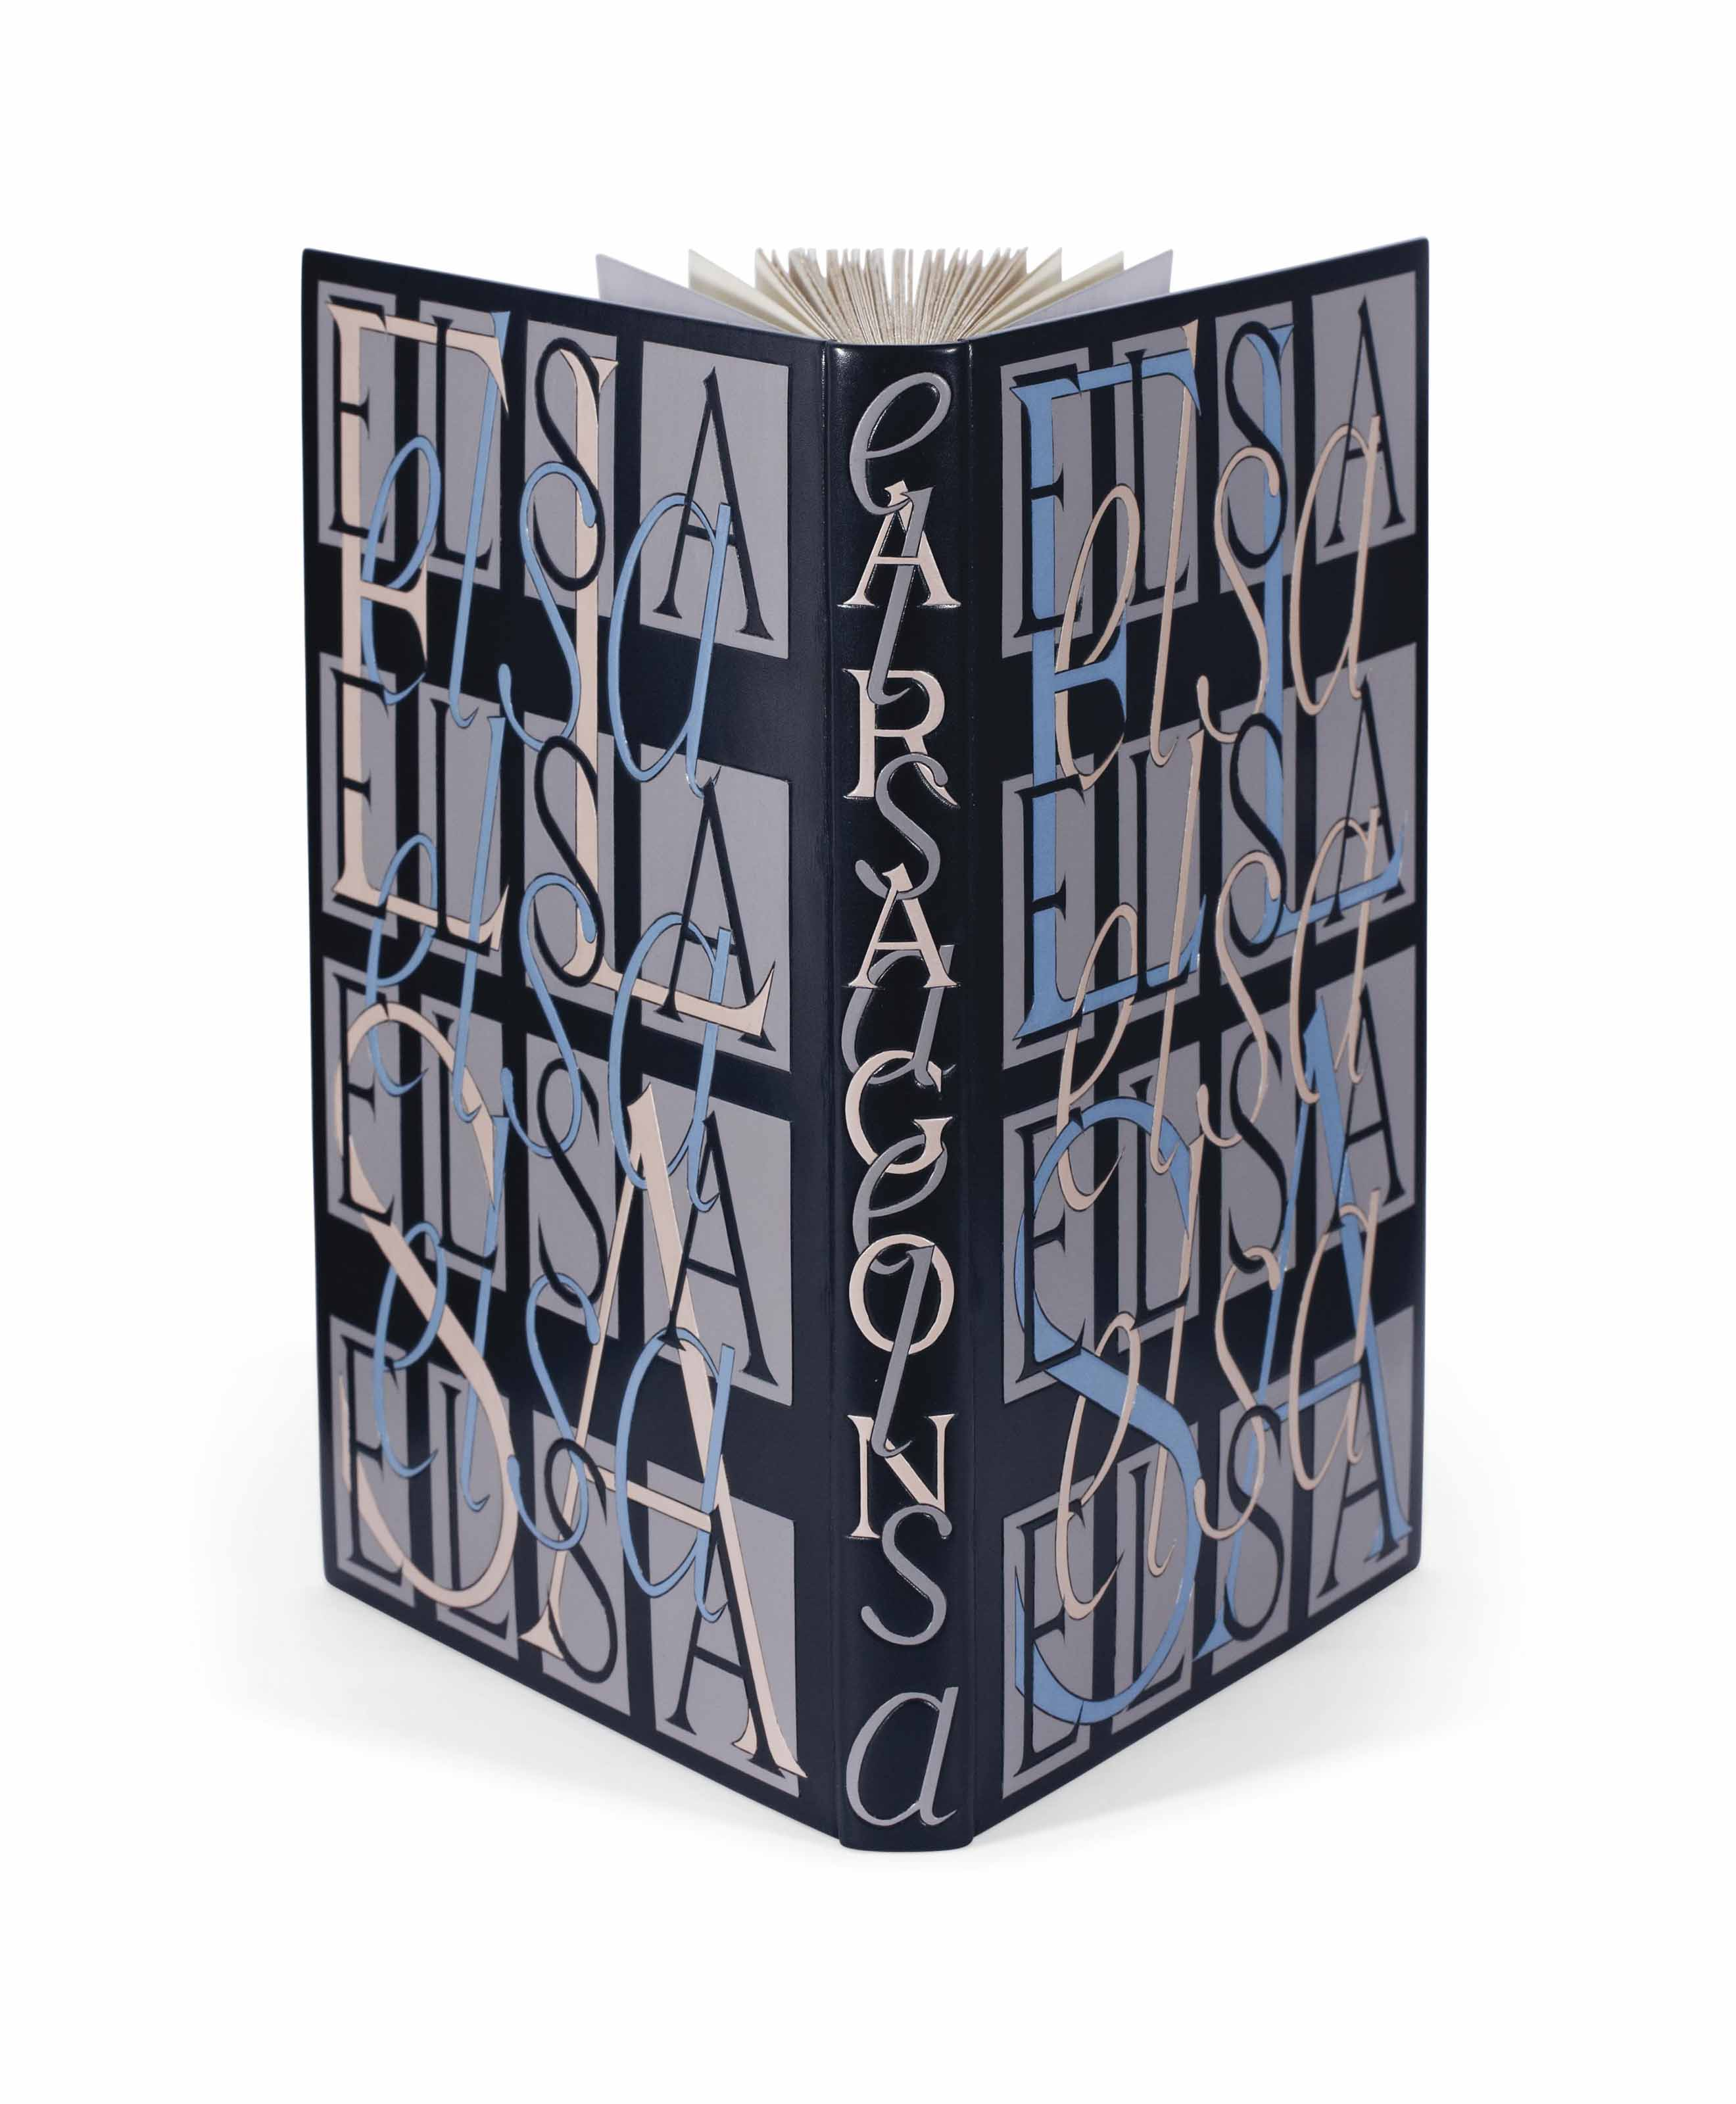 """ARAGON, Louis (1897-1982). Elsa. Poème. Paris: NRF, 17 février 1959. In-4 (235 x 181 mm). Reliure lettrée signée P.-L. Martin au contreplat, box noir, plats entièrement ornés du prénom """"Elsa"""" répété dans des typographies différentes de box mosaïqué bleu, noir et rose, les lettres s'enchevêtrant, dos lisse avec nom de l'auteur et titre en long mosaïqués, doublure et gardes de box gris, tranches dorées sur témoins, couverture et dos, chemise de demi-box à bandes, étui."""